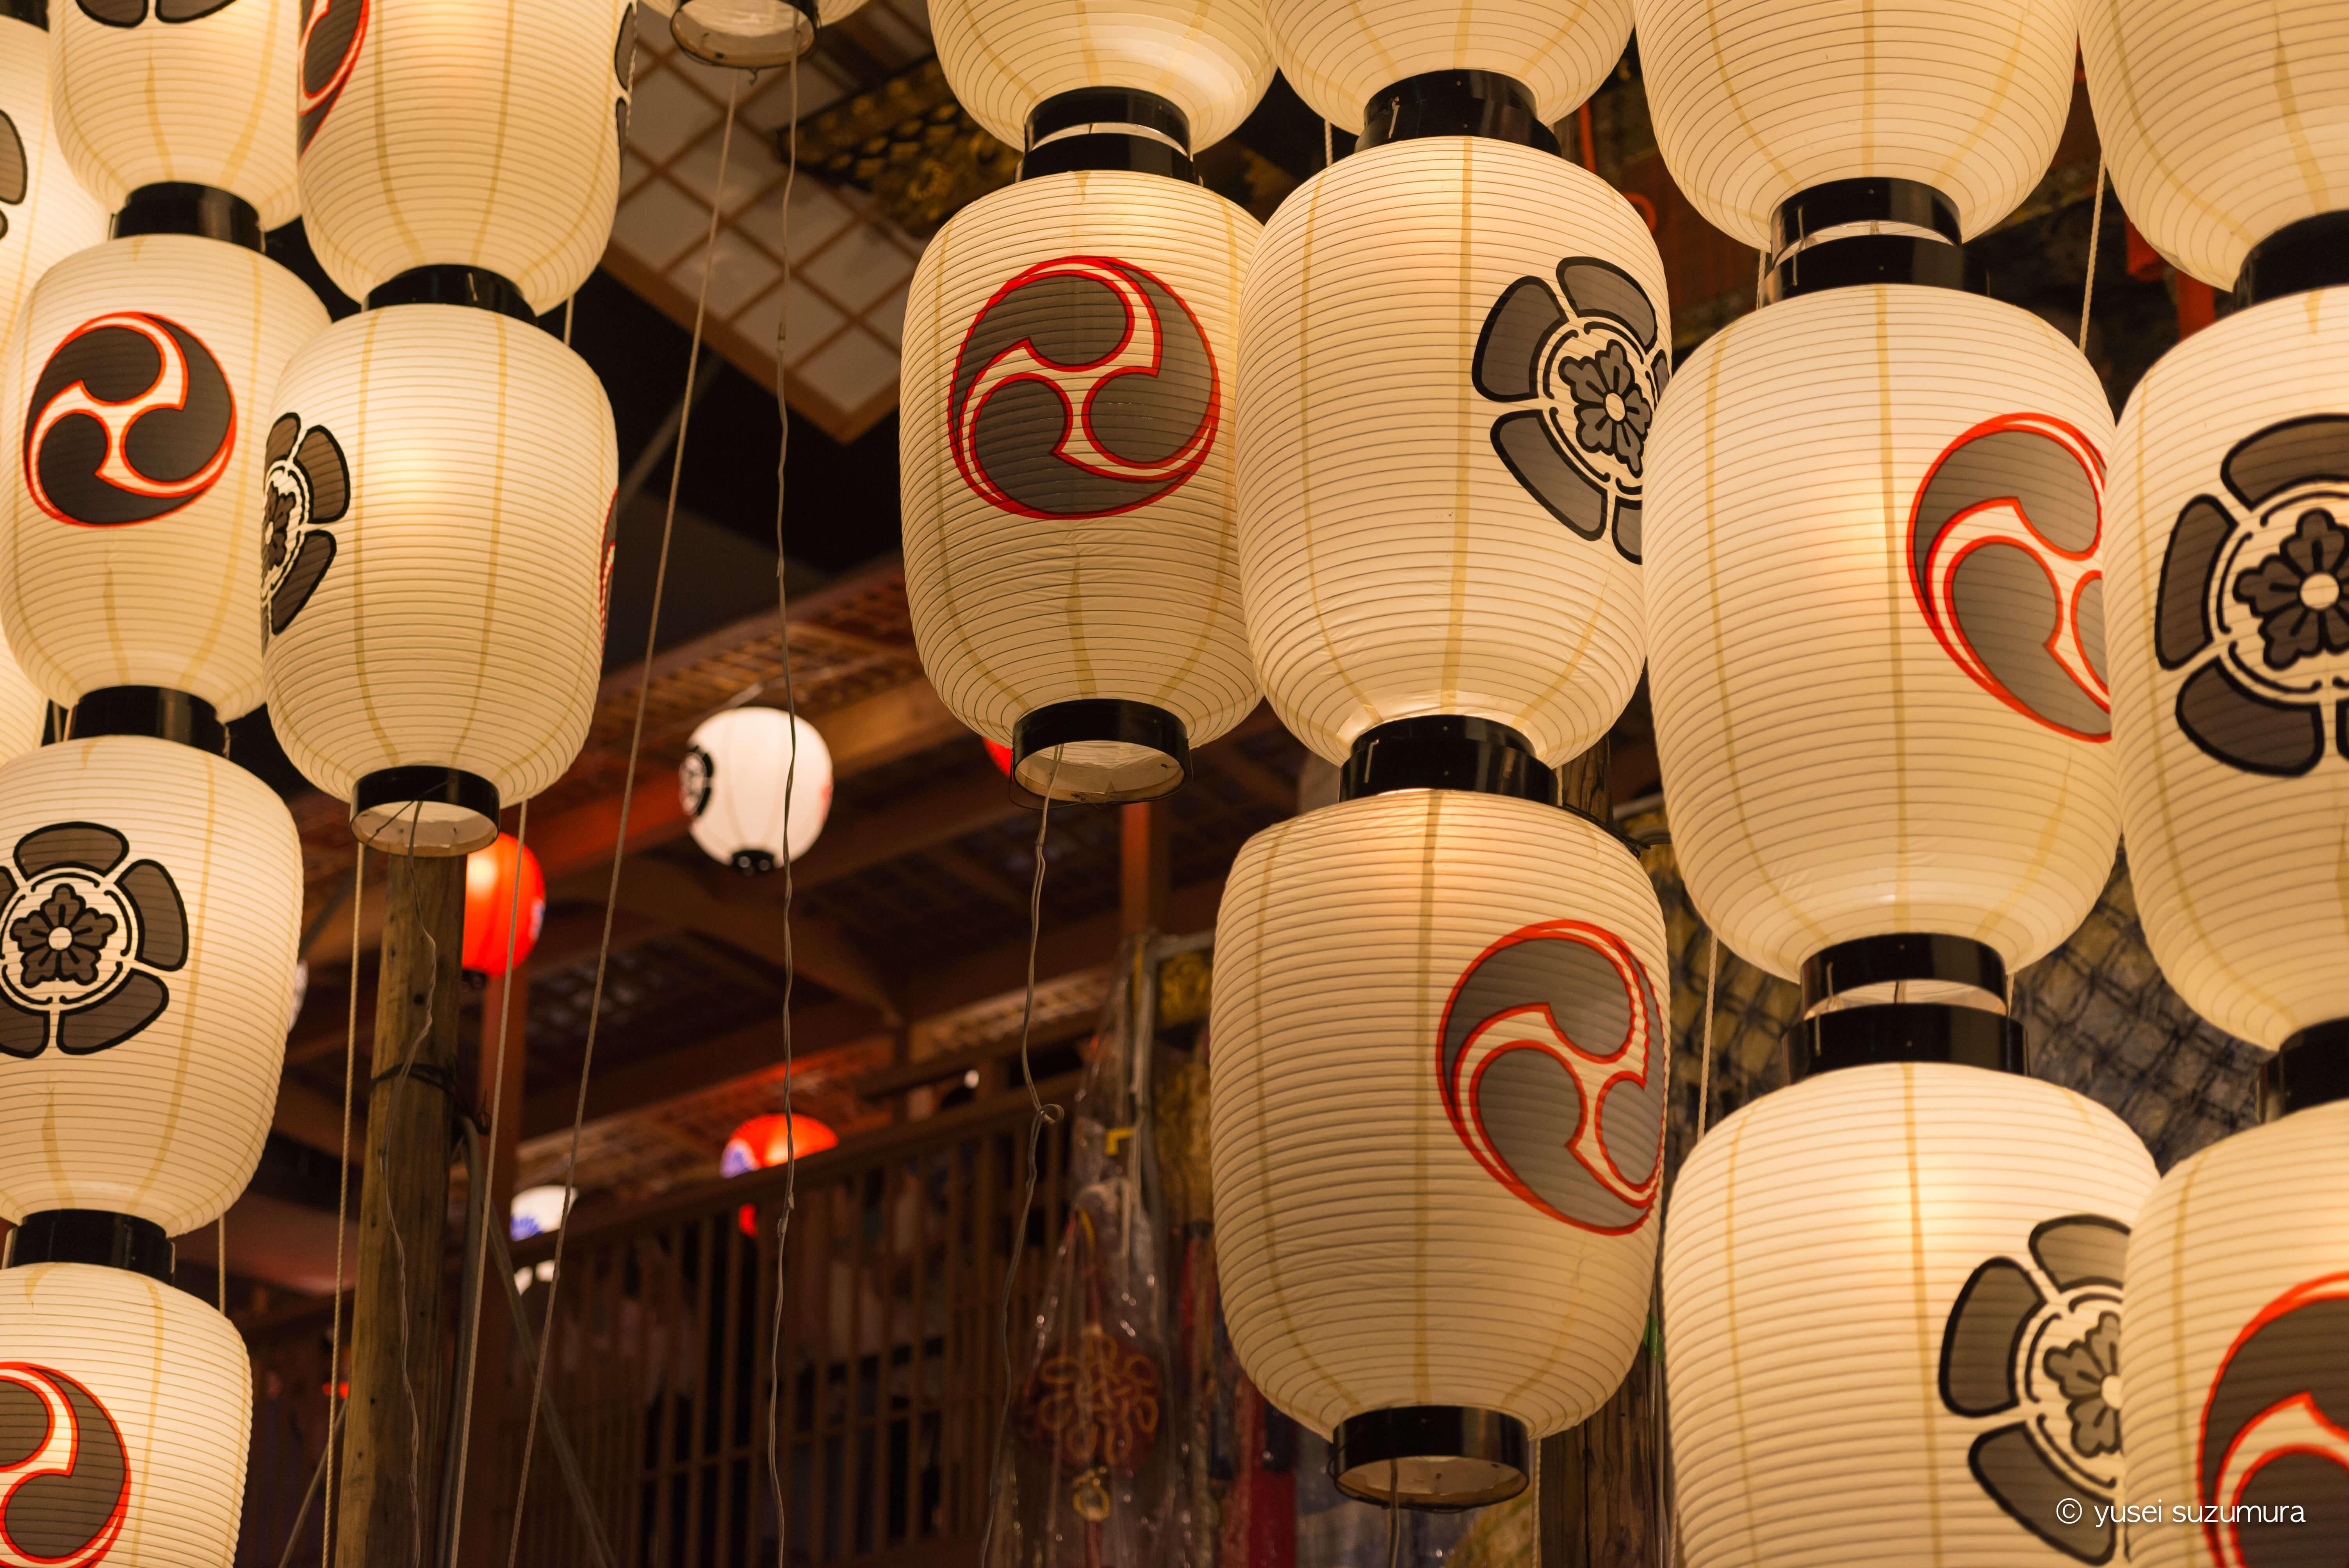 まさかの宮古島から京都へ。美ら海から伝統の祇園祭の宵山へ。